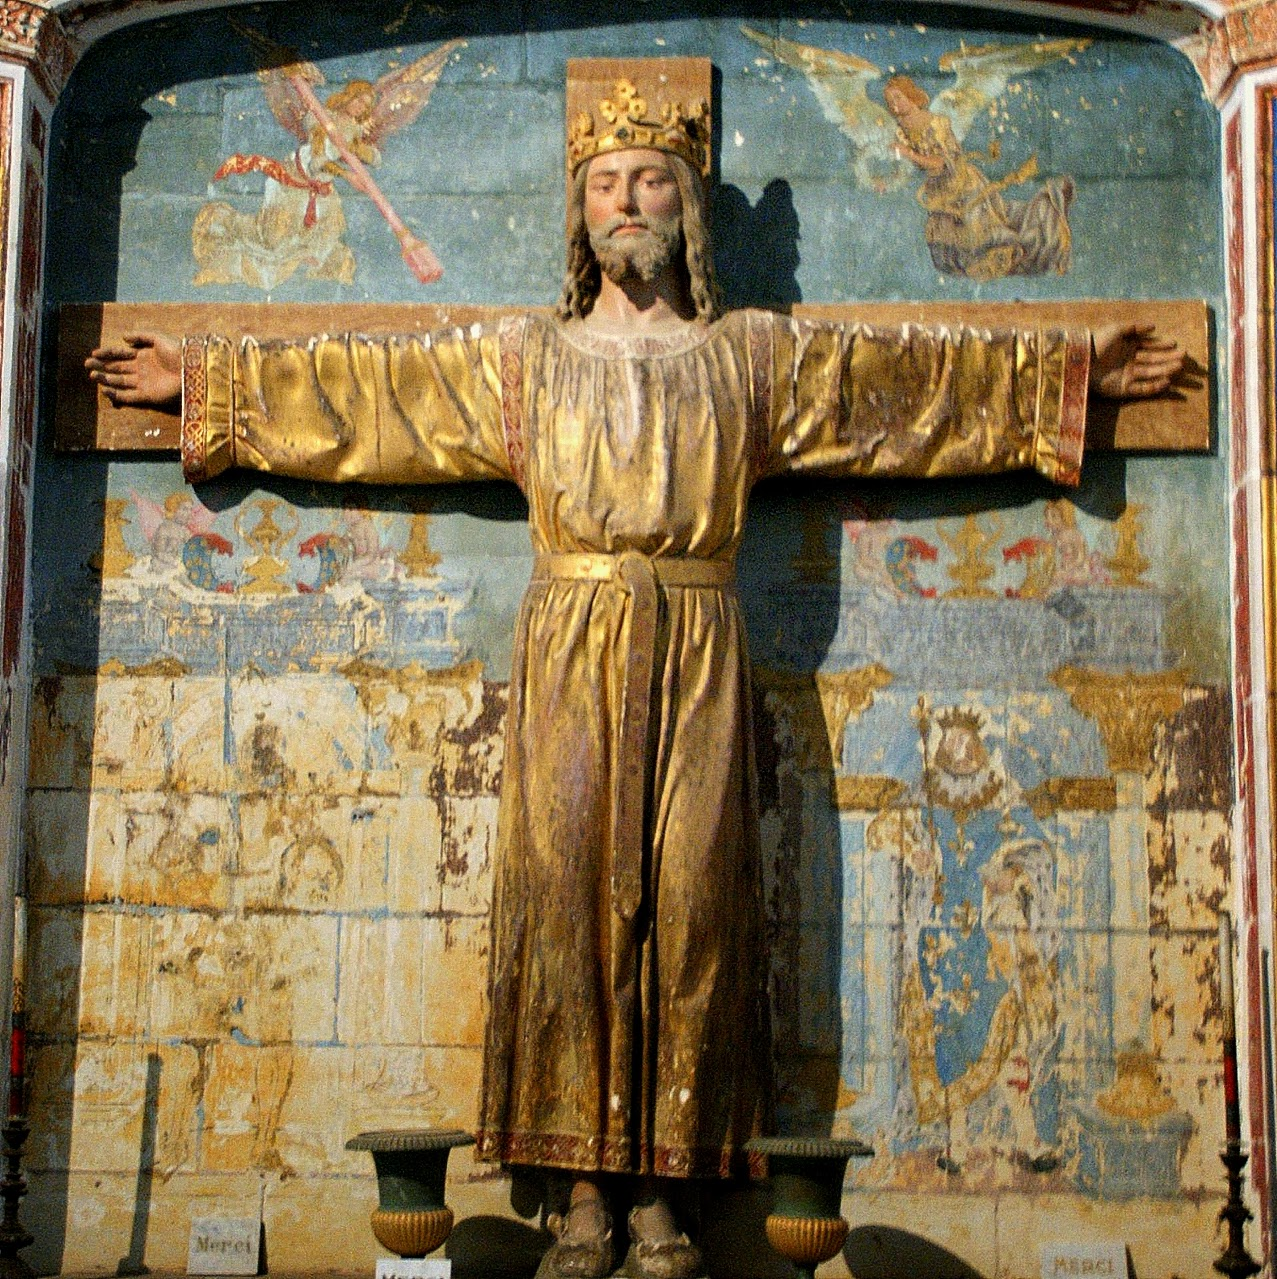 http://2.bp.blogspot.com/-KSOv-jxJGTc/Uo3byZhv4DI/AAAAAAAAA-g/m44RQwGU3gE/s1600/Christ+ROi+Bourgonni%25C3%25A8re.jpg